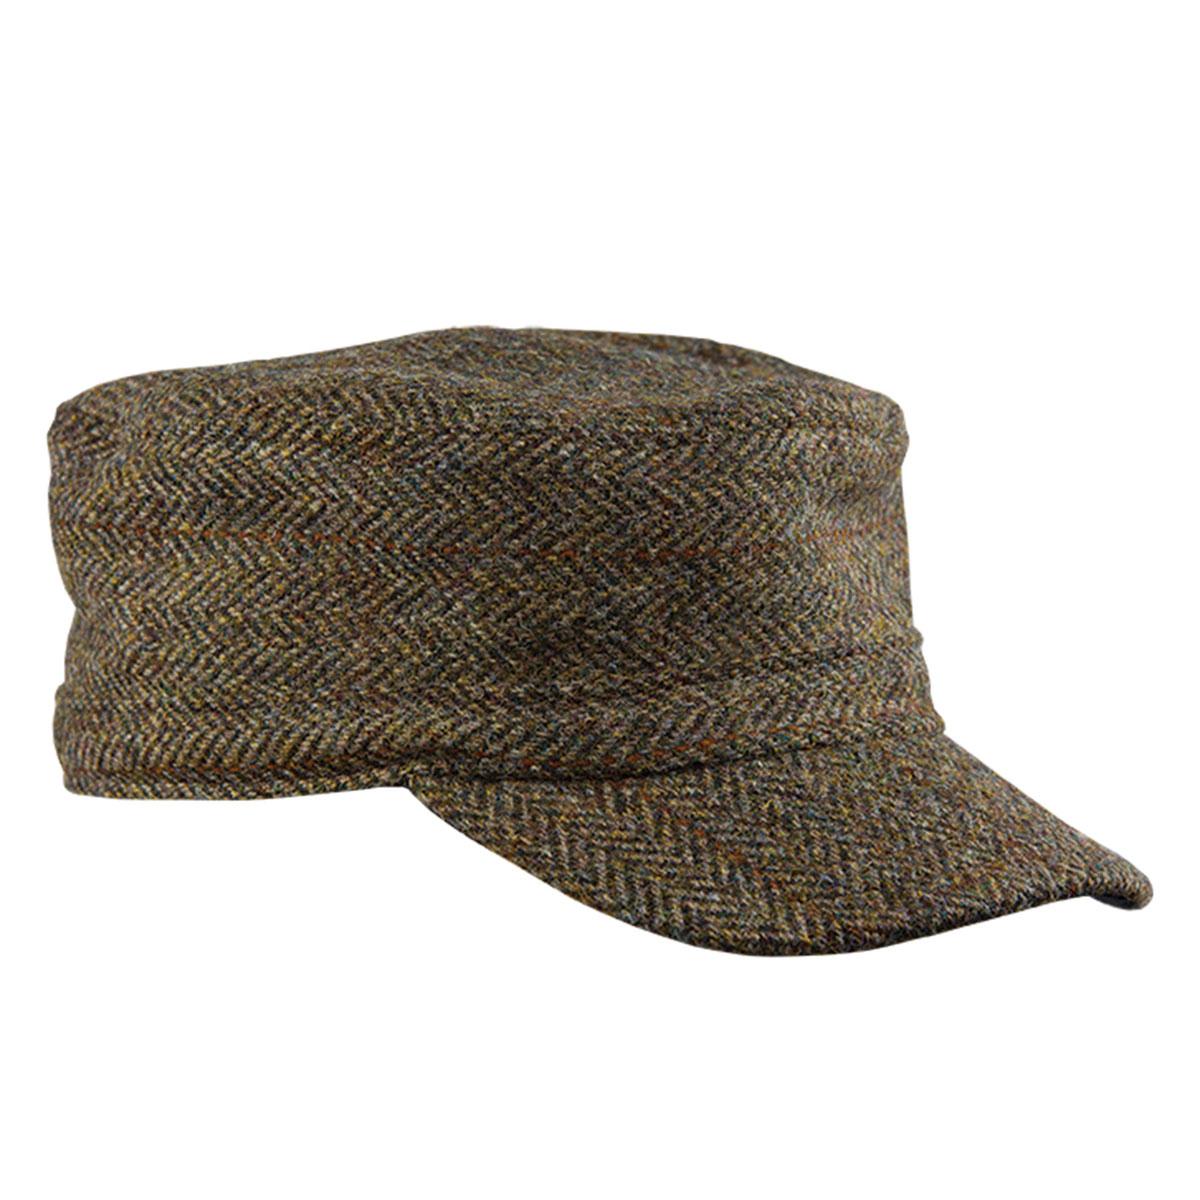 1960s – 70s Style Men's Hats Harris Tweed Flat Top Cap $59.99 AT vintagedancer.com